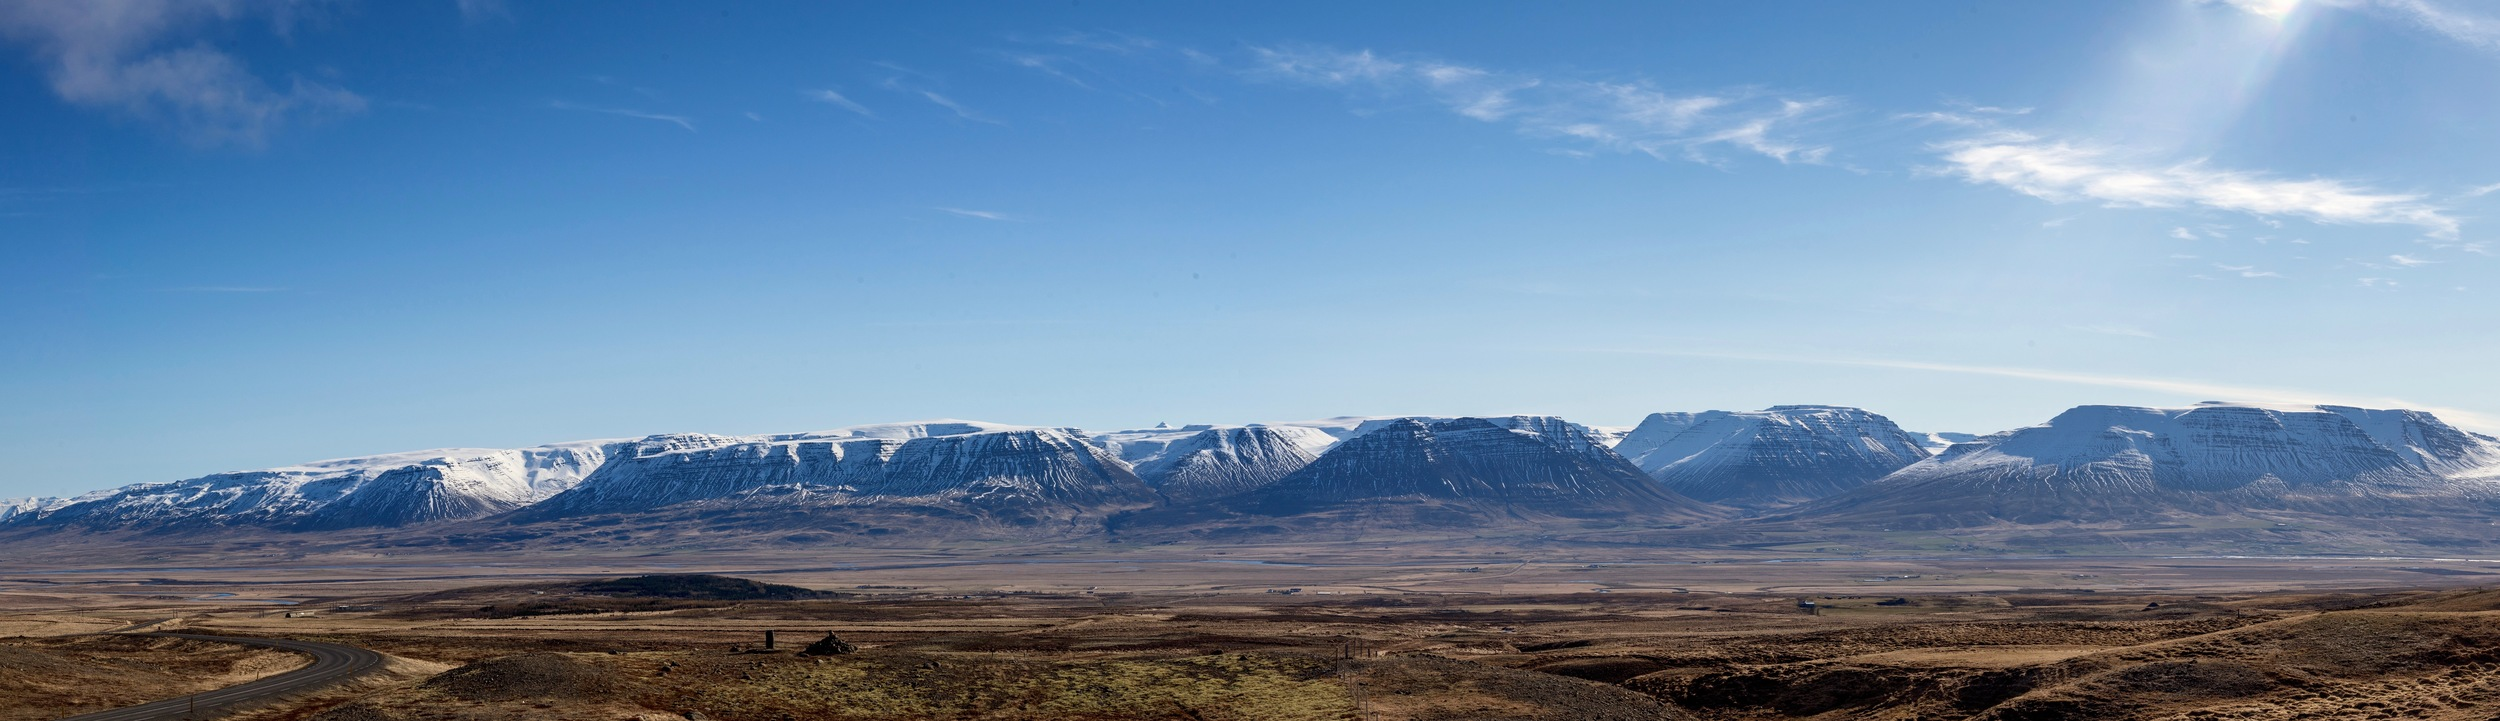 Endless mountains.